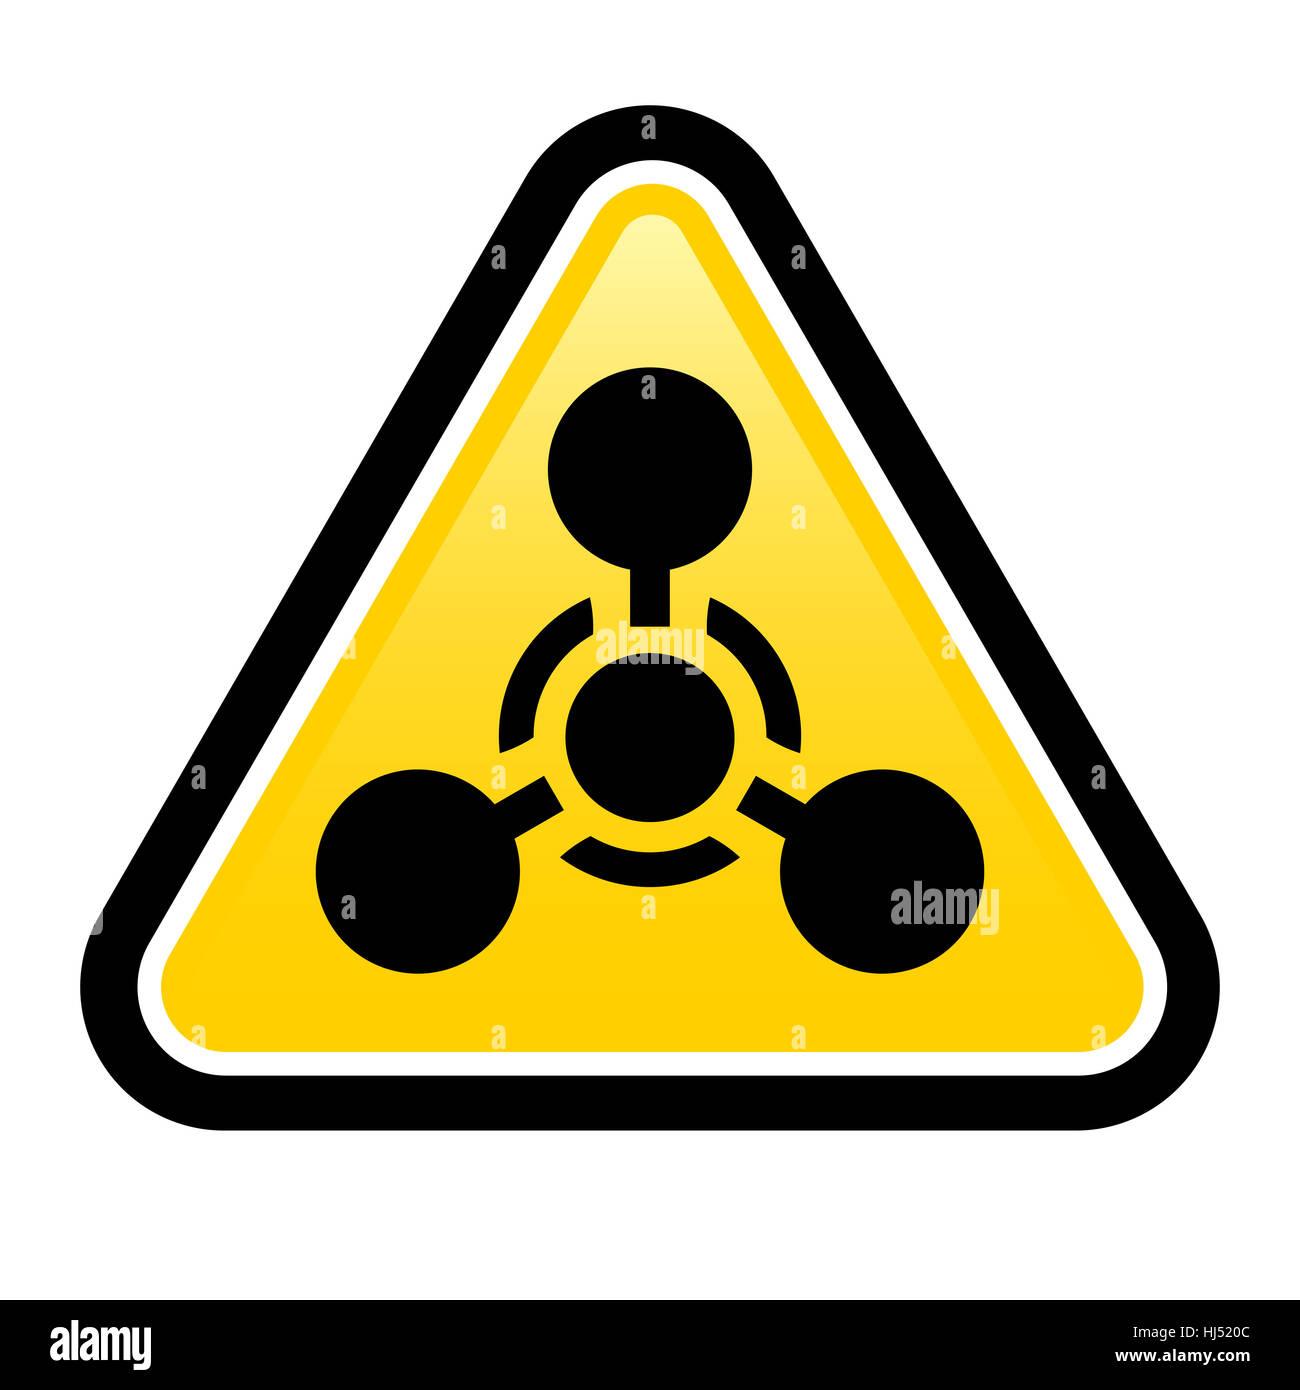 Hazardous Waste Label Icon Stock Photos & Hazardous Waste ...